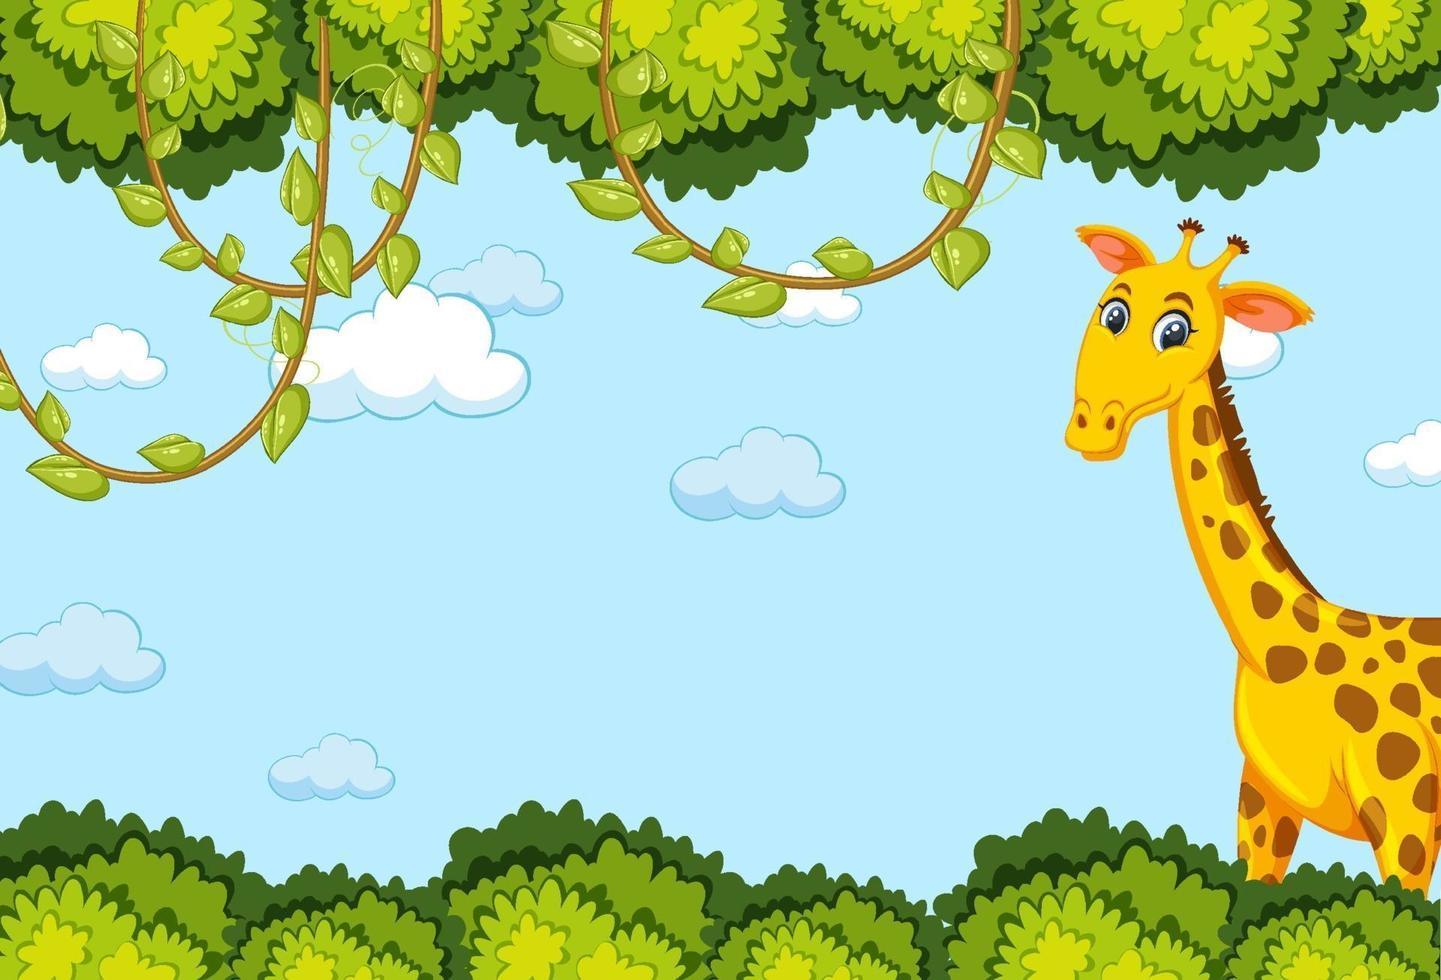 personnage de dessin animé de girafe avec cadre de feuilles de forêt vecteur